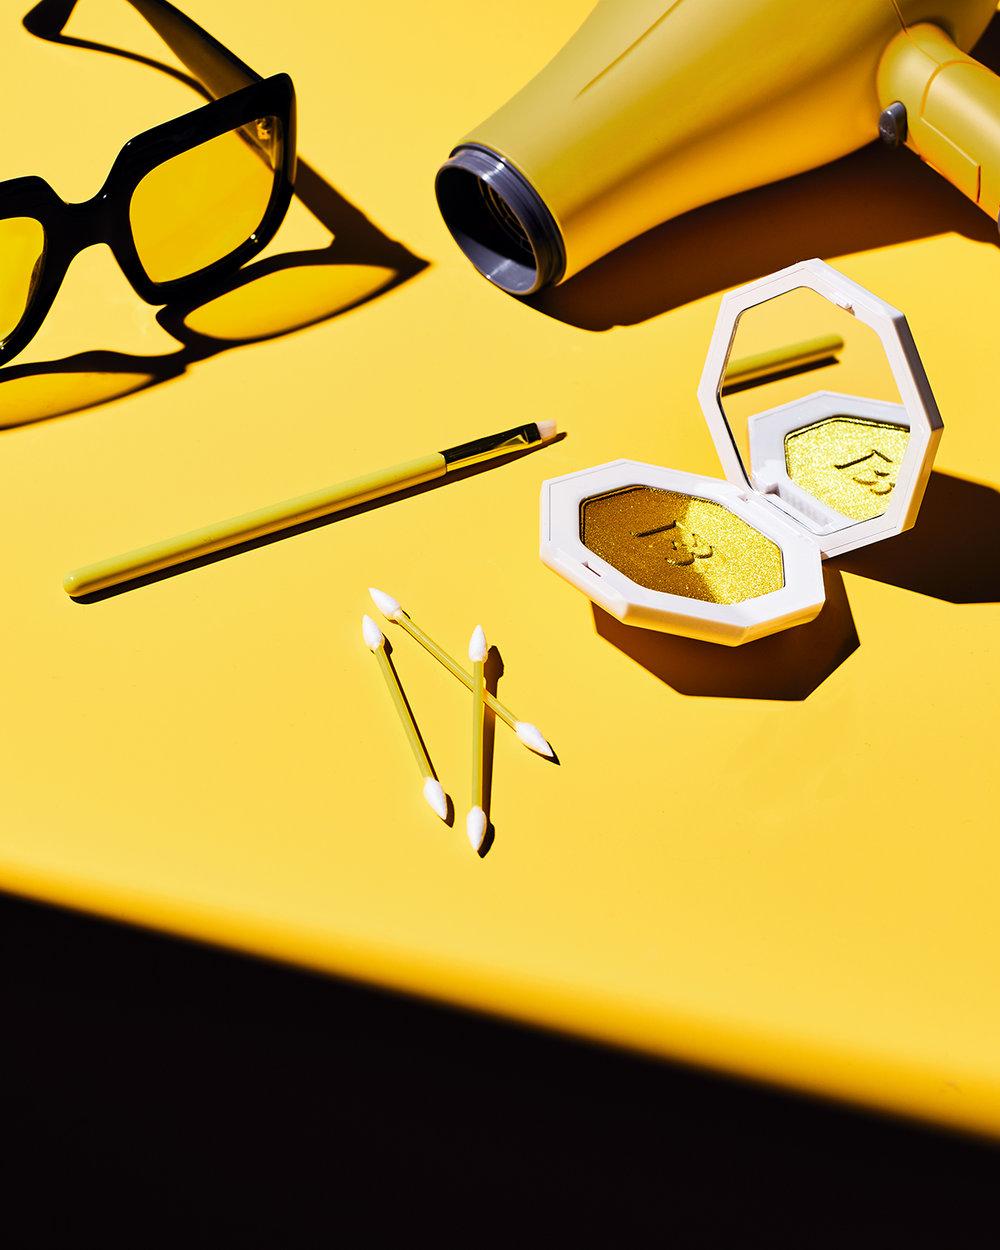 Yellow_075.jpg